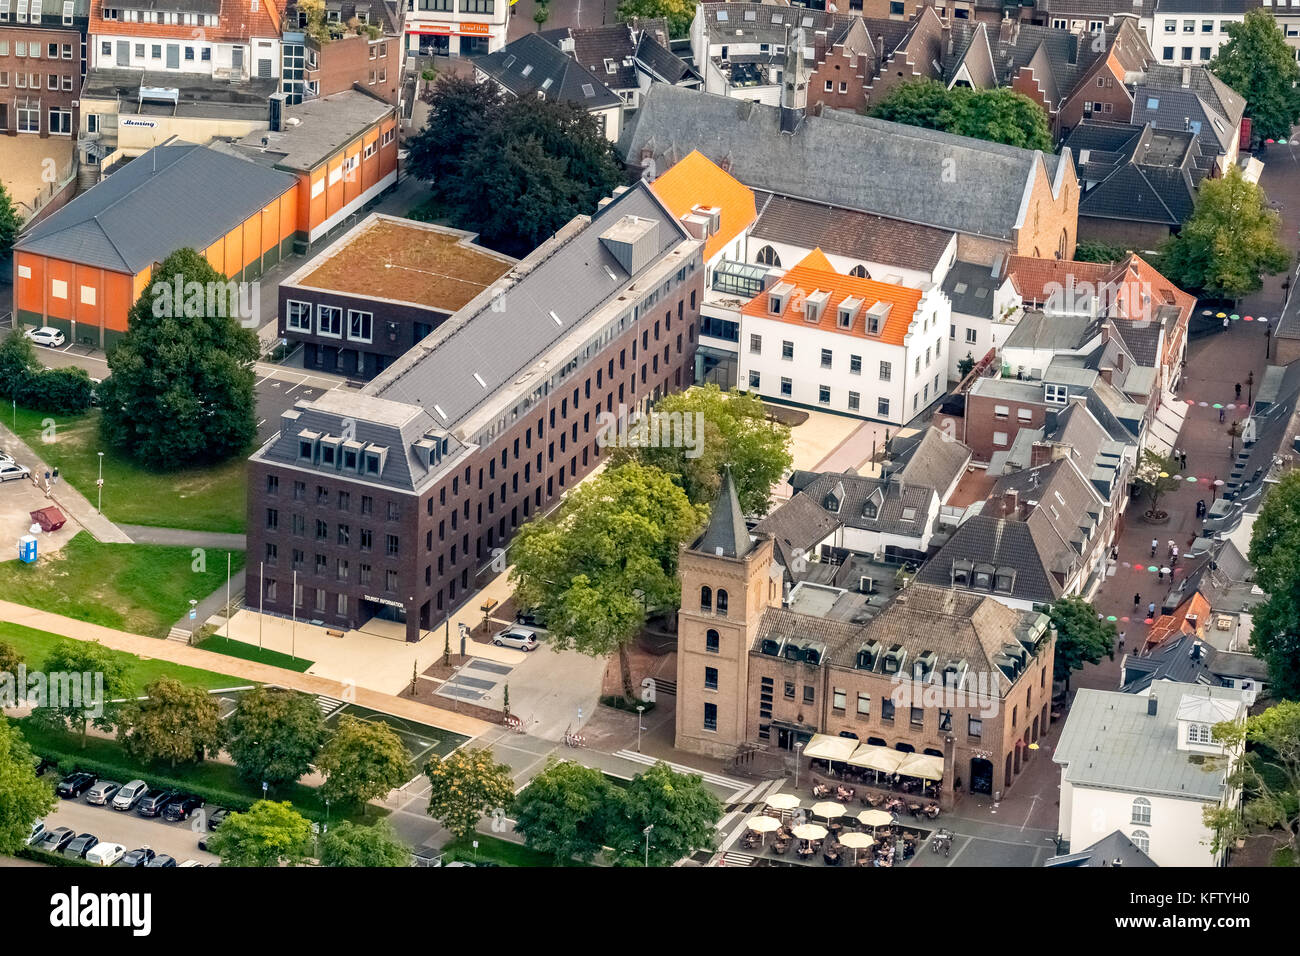 Rathaus der Stadt Kleve, Wirtschaft, Tourismus und Marketing Kreis Kleve gmbh, Kleve, Niederrhein, Nordrhein-Westfalen, Stockbild